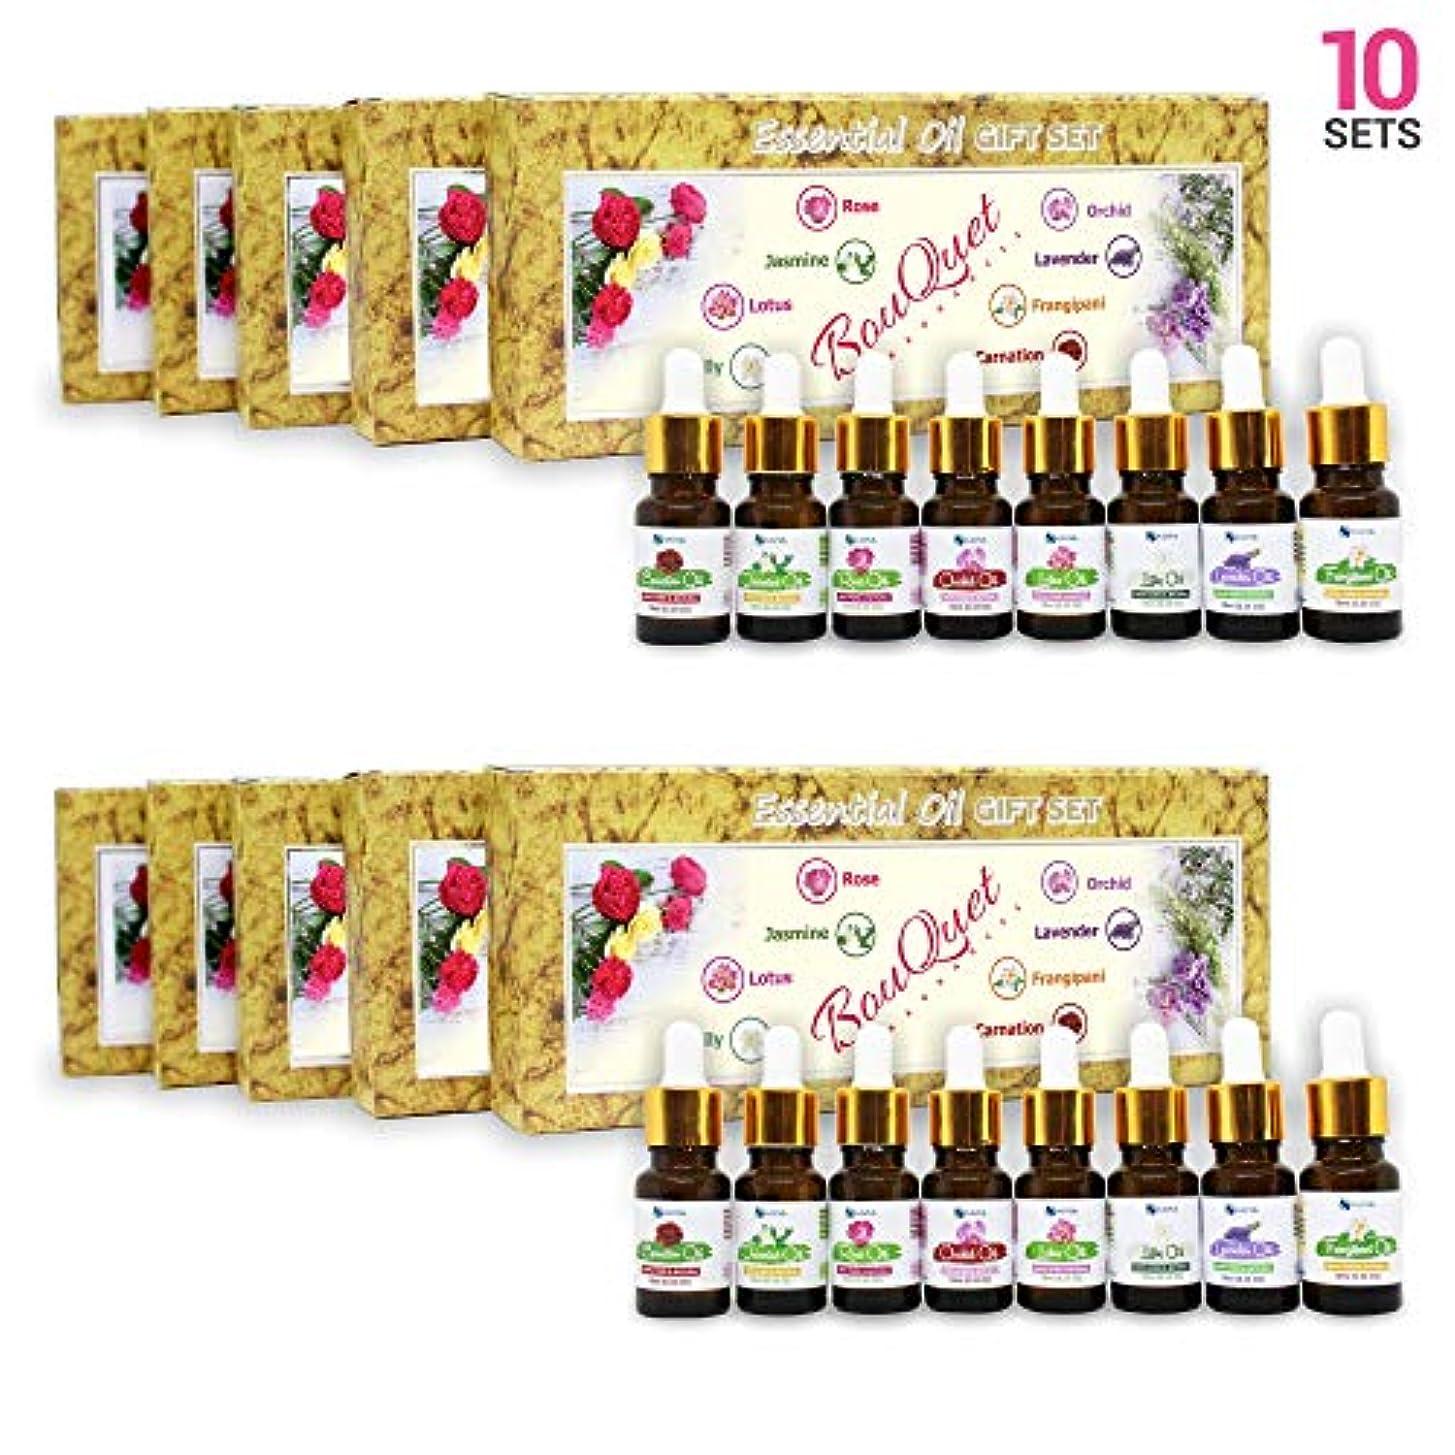 まとめるノイズ限りなくAromatherapy Fragrance Oils (Set of 10) - 100% Natural Therapeutic Essential Oils, 10ml each (Rose, Jasmine, Lotus, Lilly, Orchid, Lavender, Frangipani, Carnation) Express Shipping